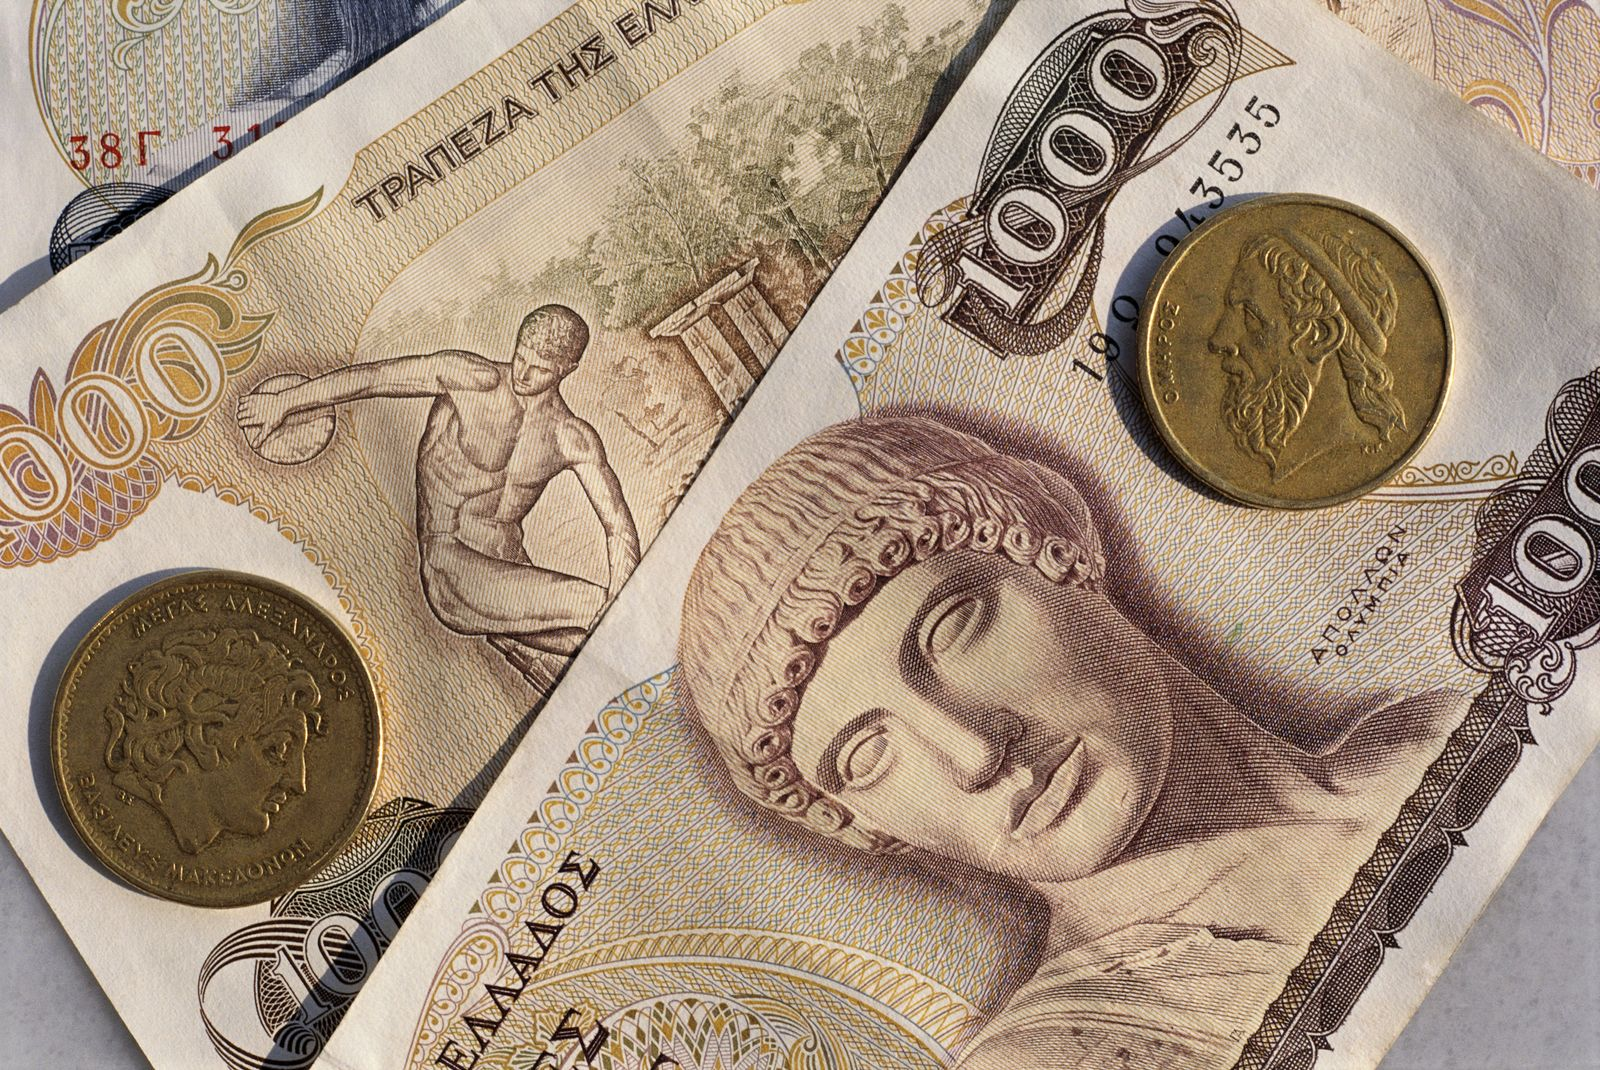 NICHT MEHR VERWENDEN! - Alte Währung / Griechische Drachme